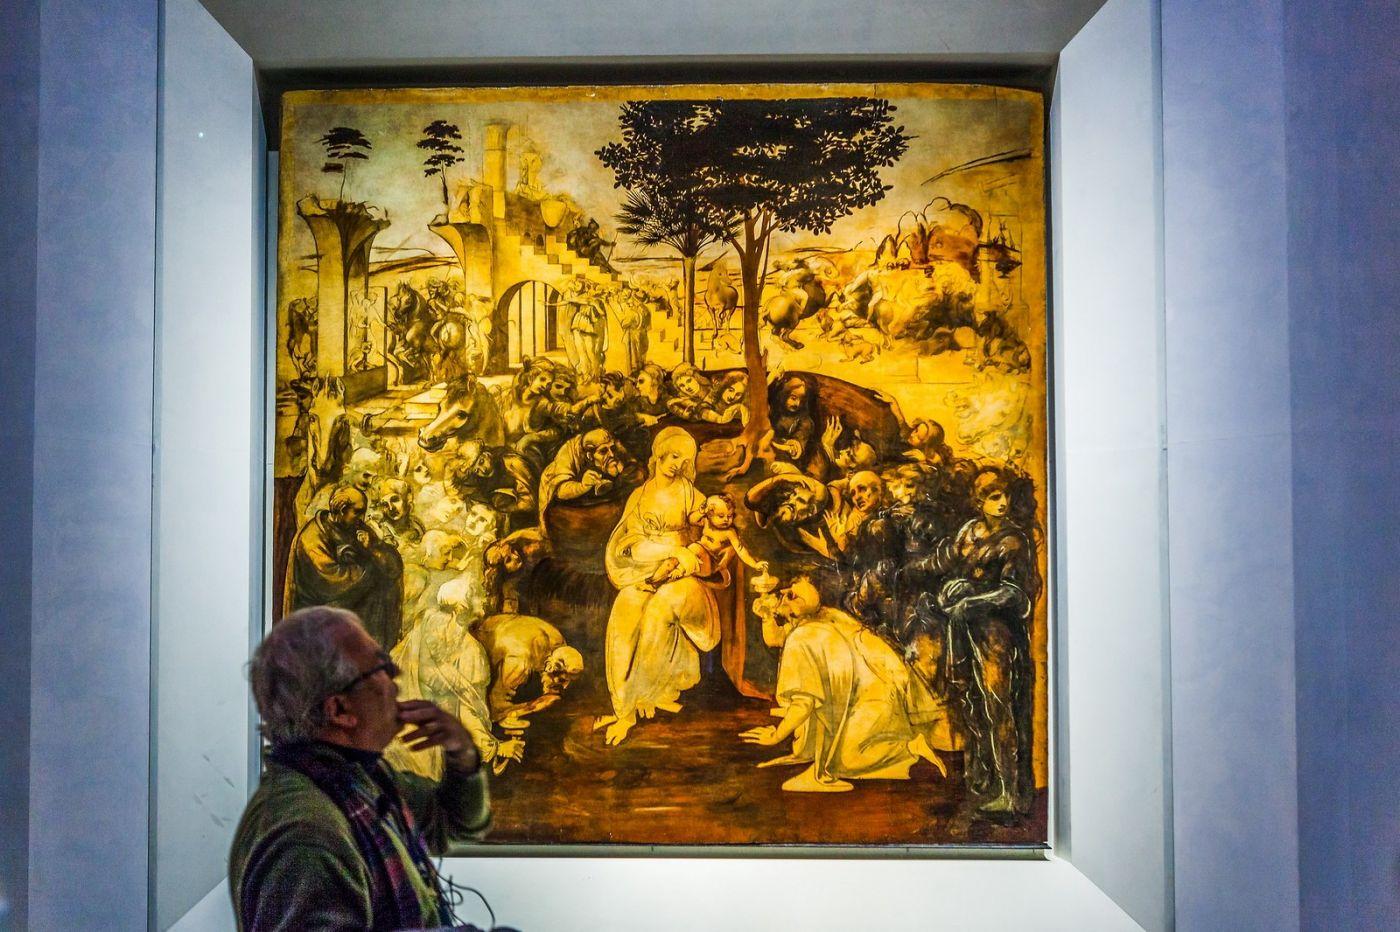 意大利佛罗伦斯乌菲兹美术馆, 藏品大展_图1-6